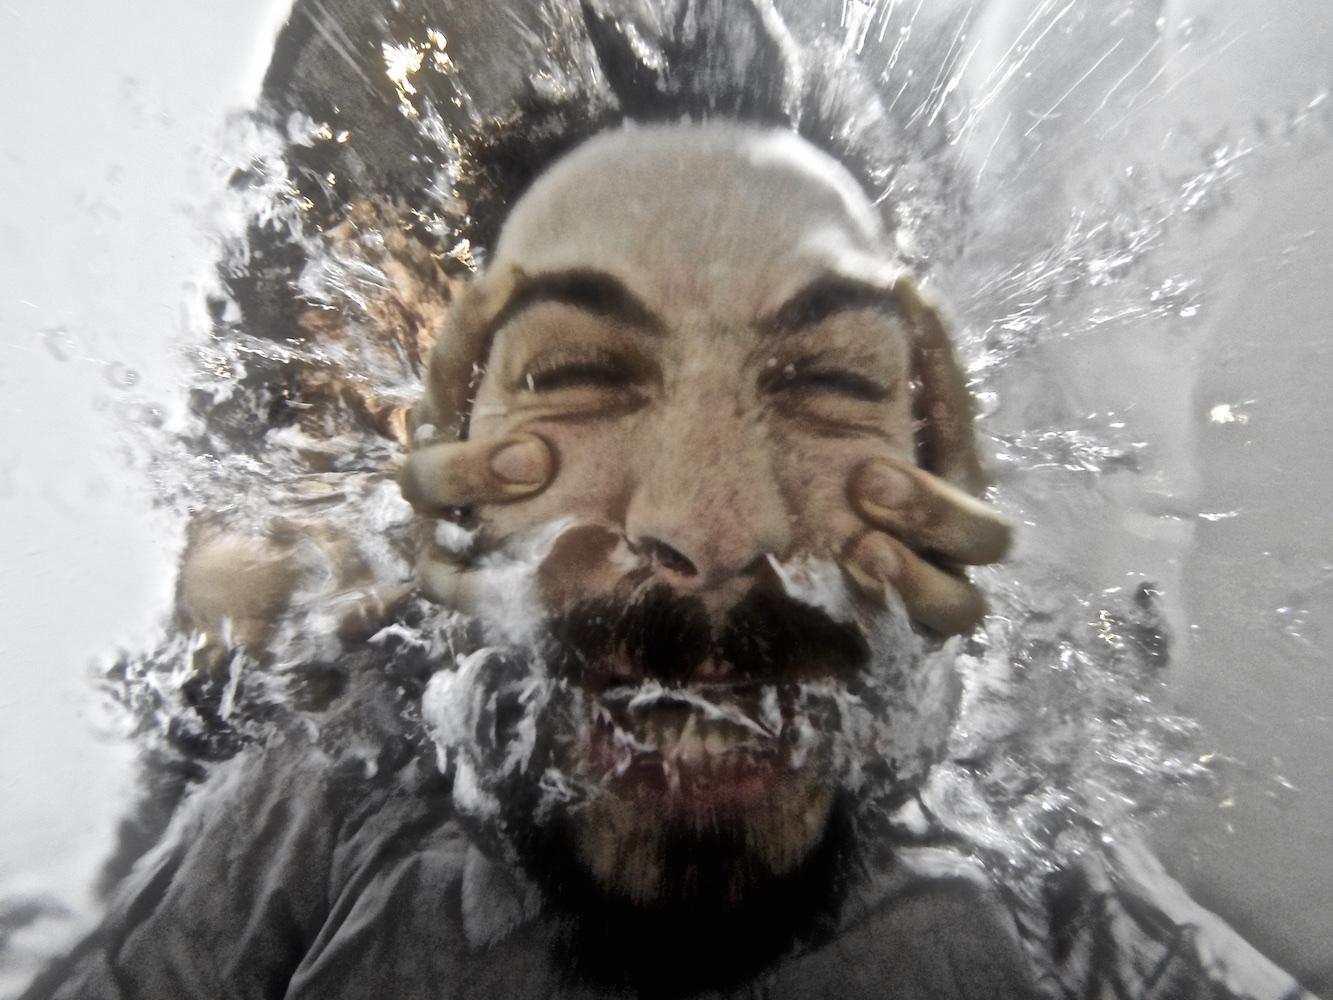 Underwater expressive portrait photo